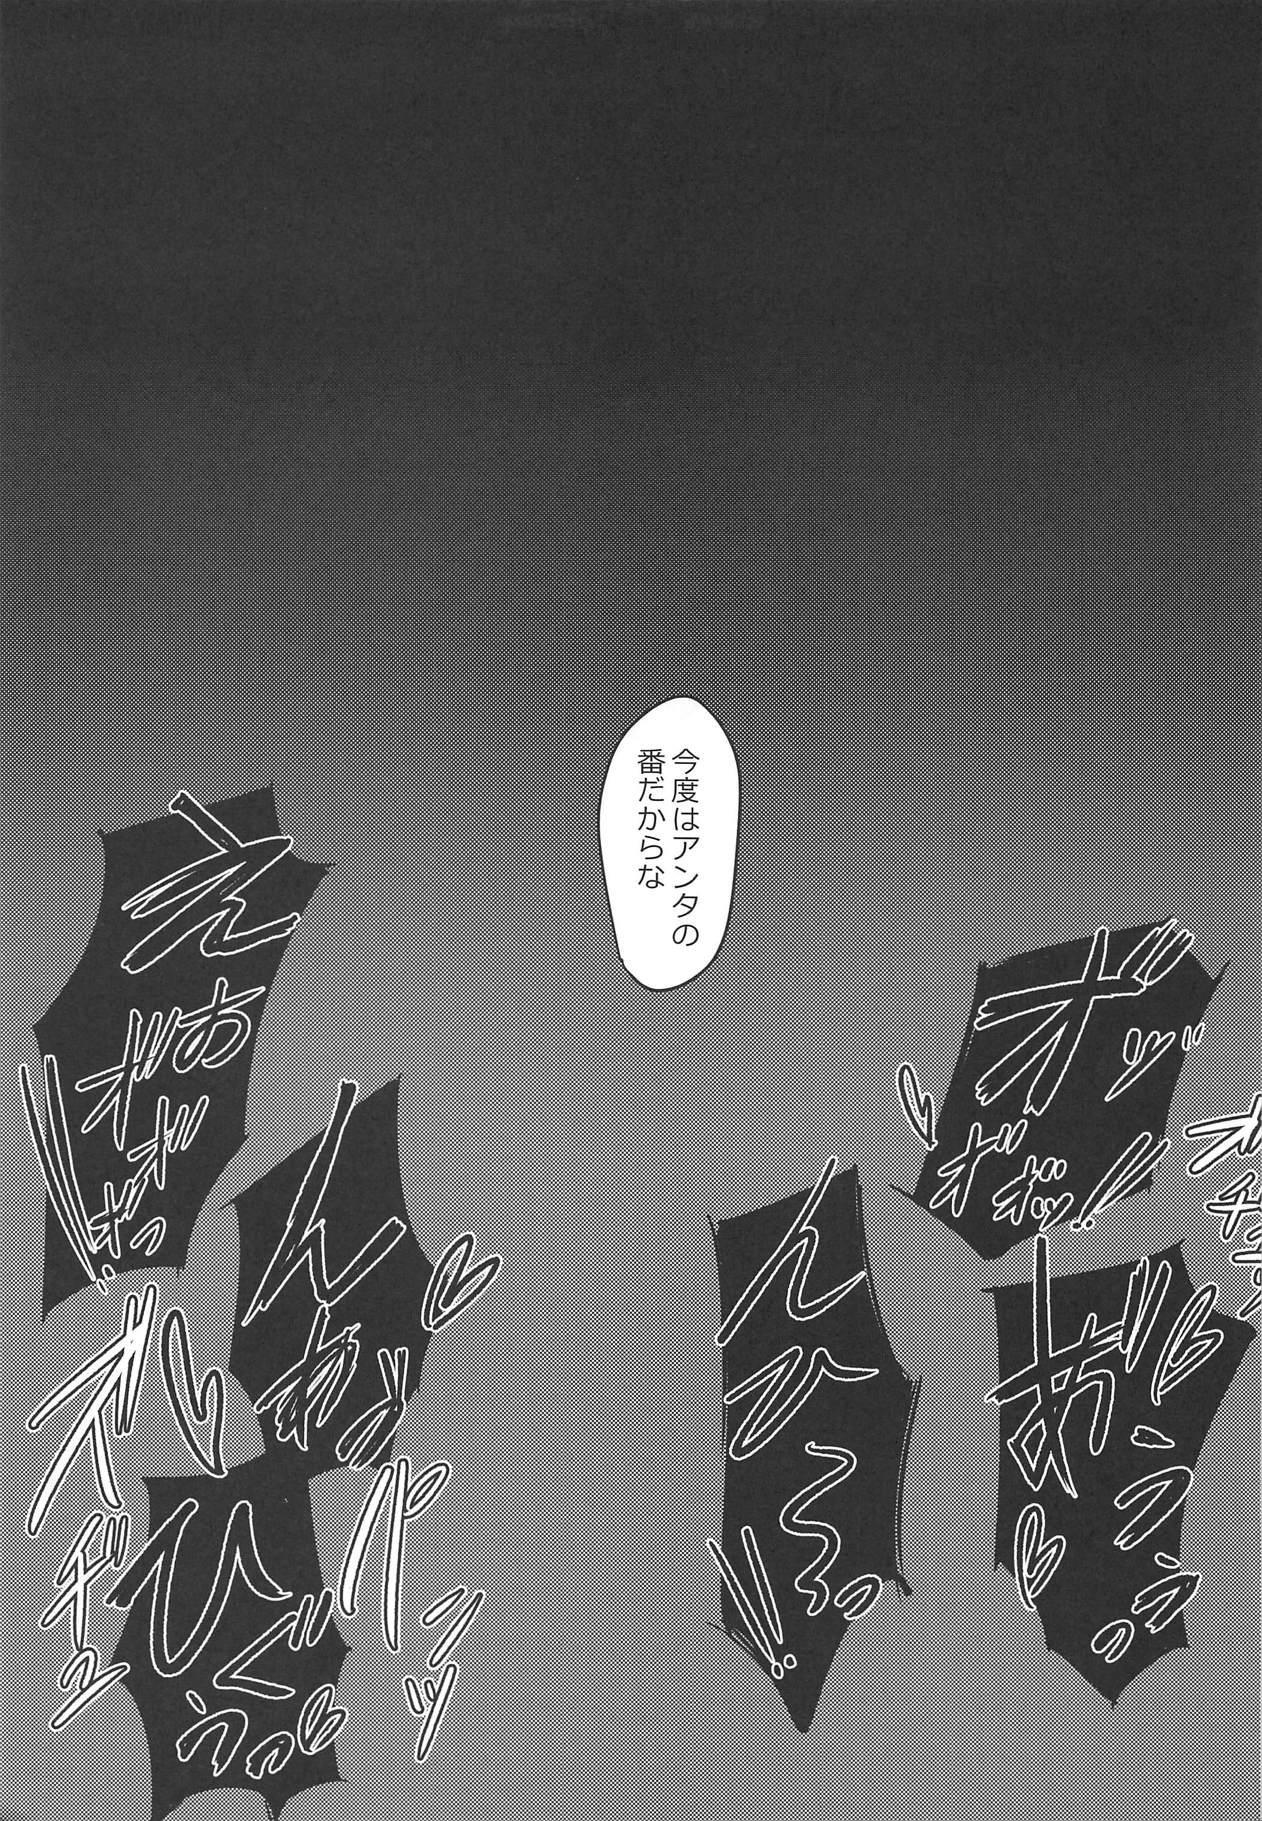 Fuyu Youkai no Otoshikata 13